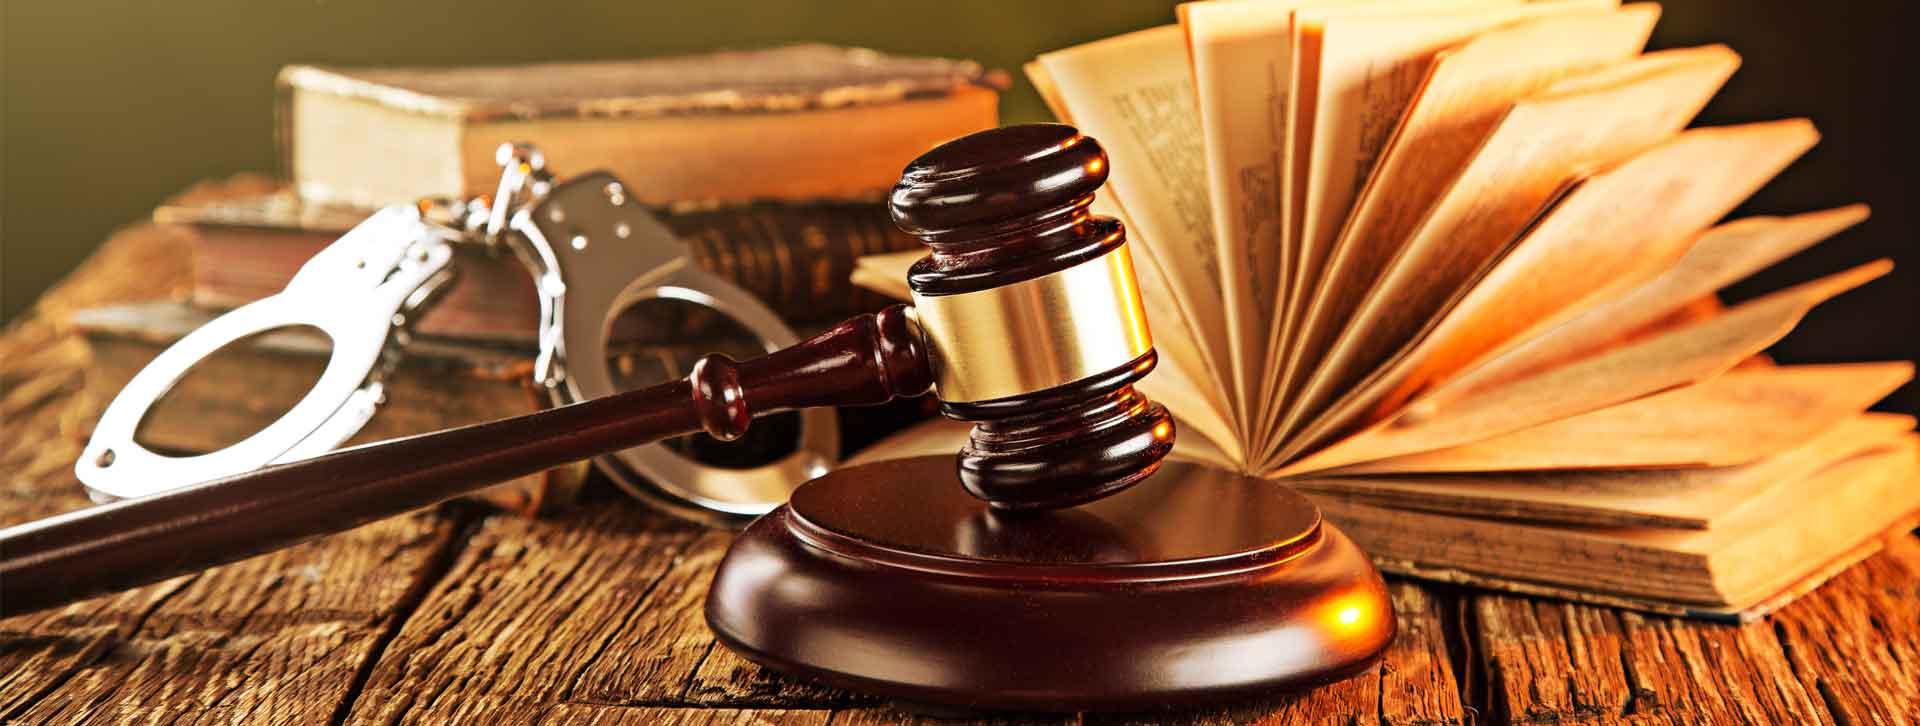 وکیل کیفری در تبریز یا وکیل تسخیری ، معاضدتی ؟